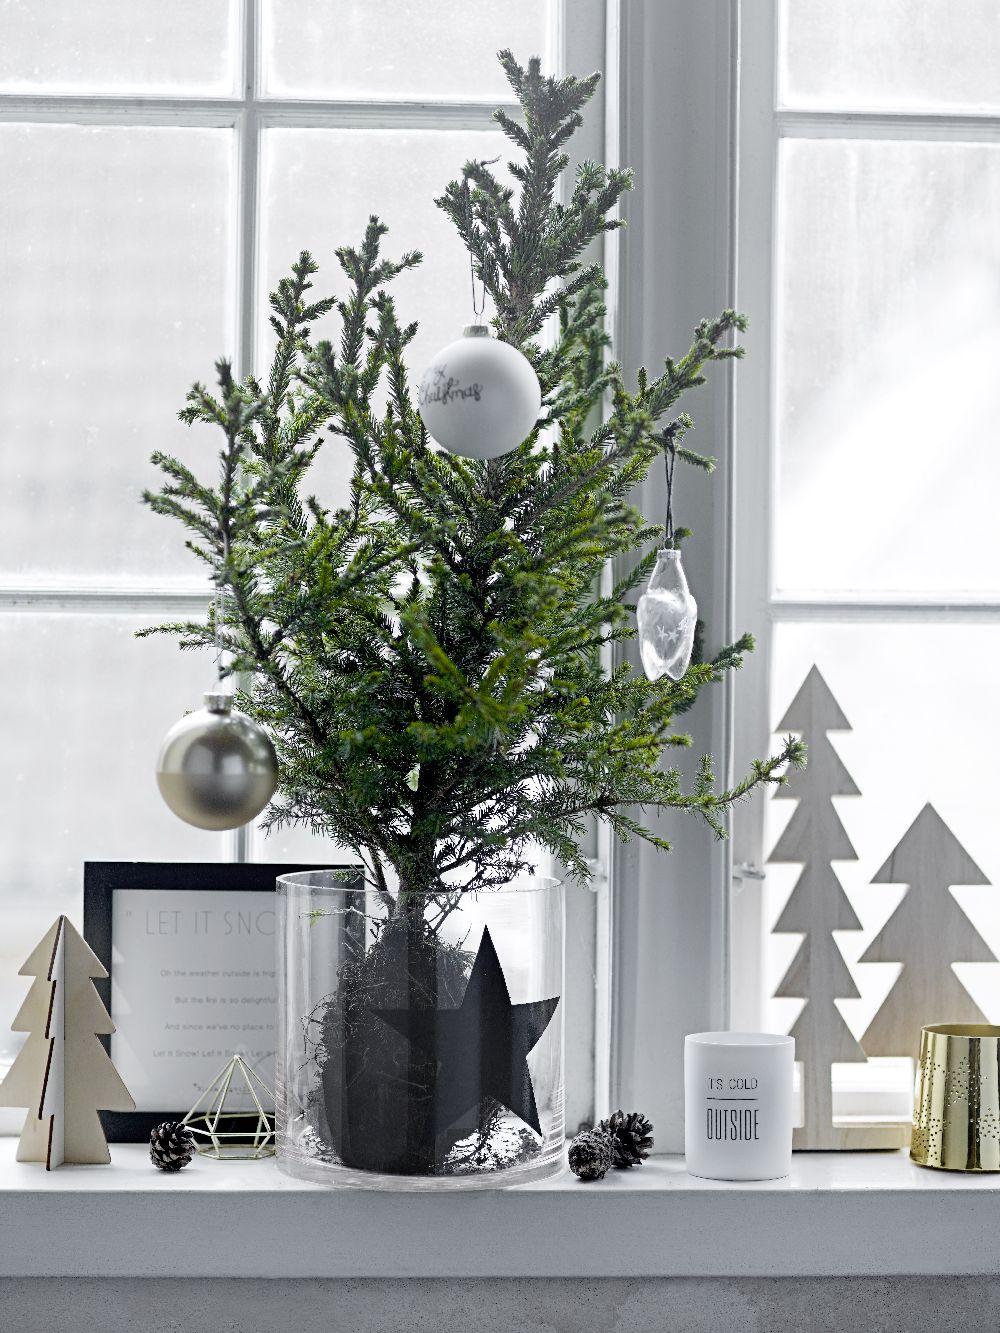 adelaparvu.com despre decoratiuni de Craciun in stil scandinav, produse Somproduct (9)